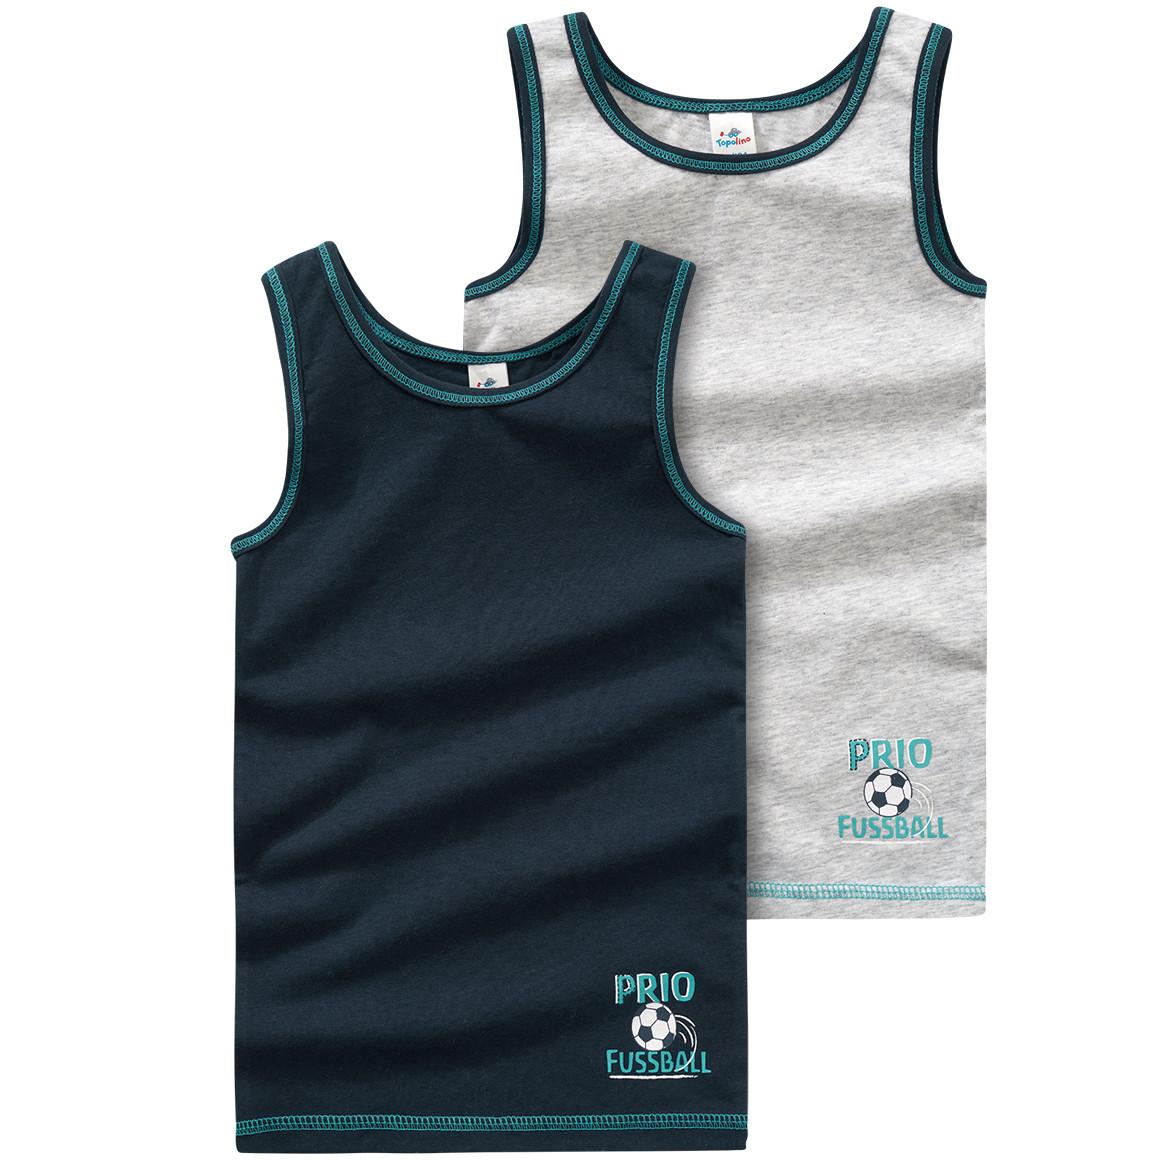 2 Jungen Unterhemden mit Fußball Print